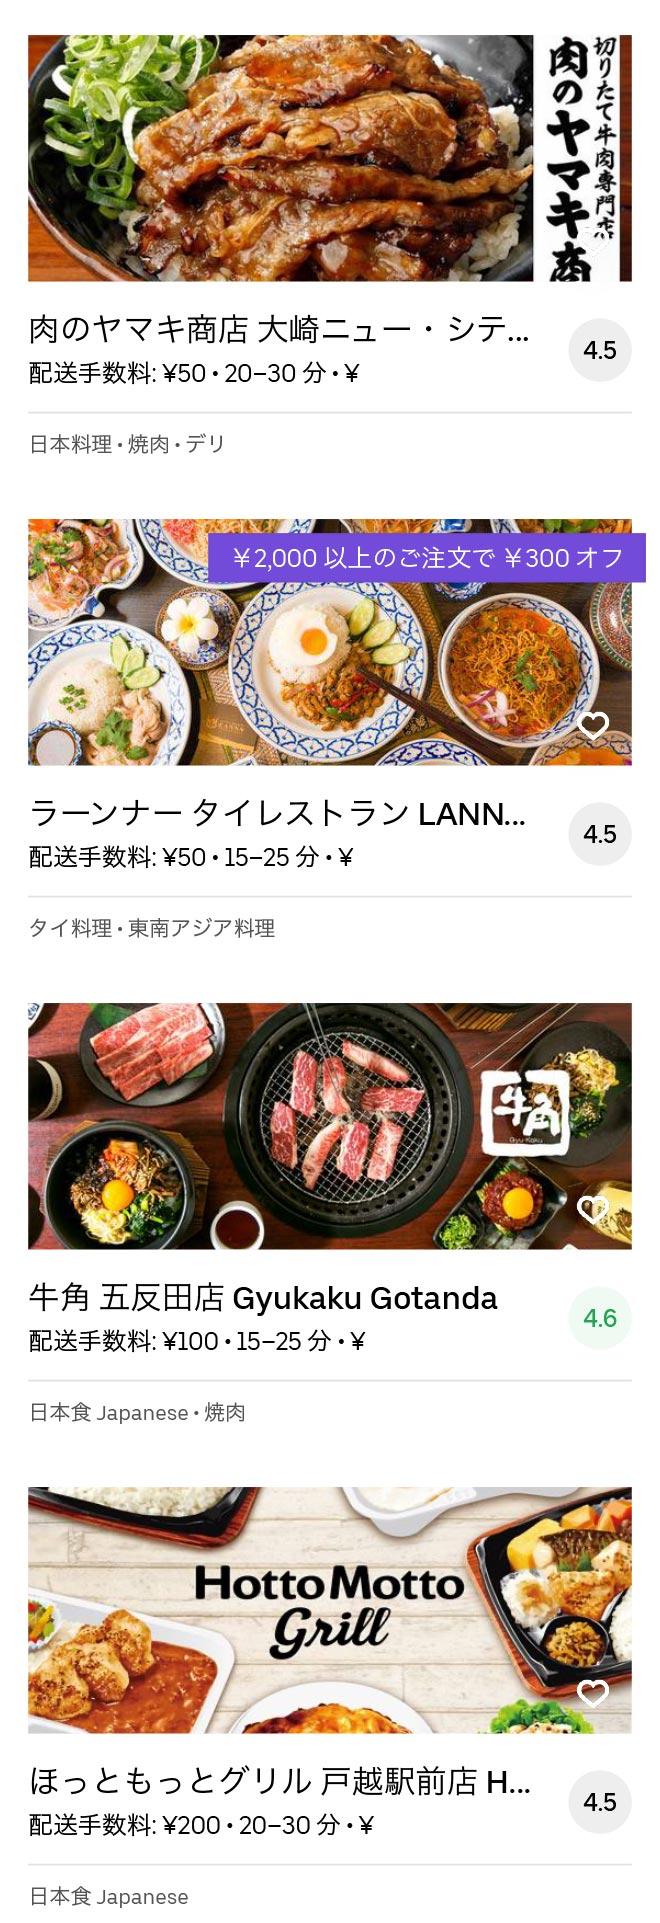 Tokyo osaki menu 2005 06